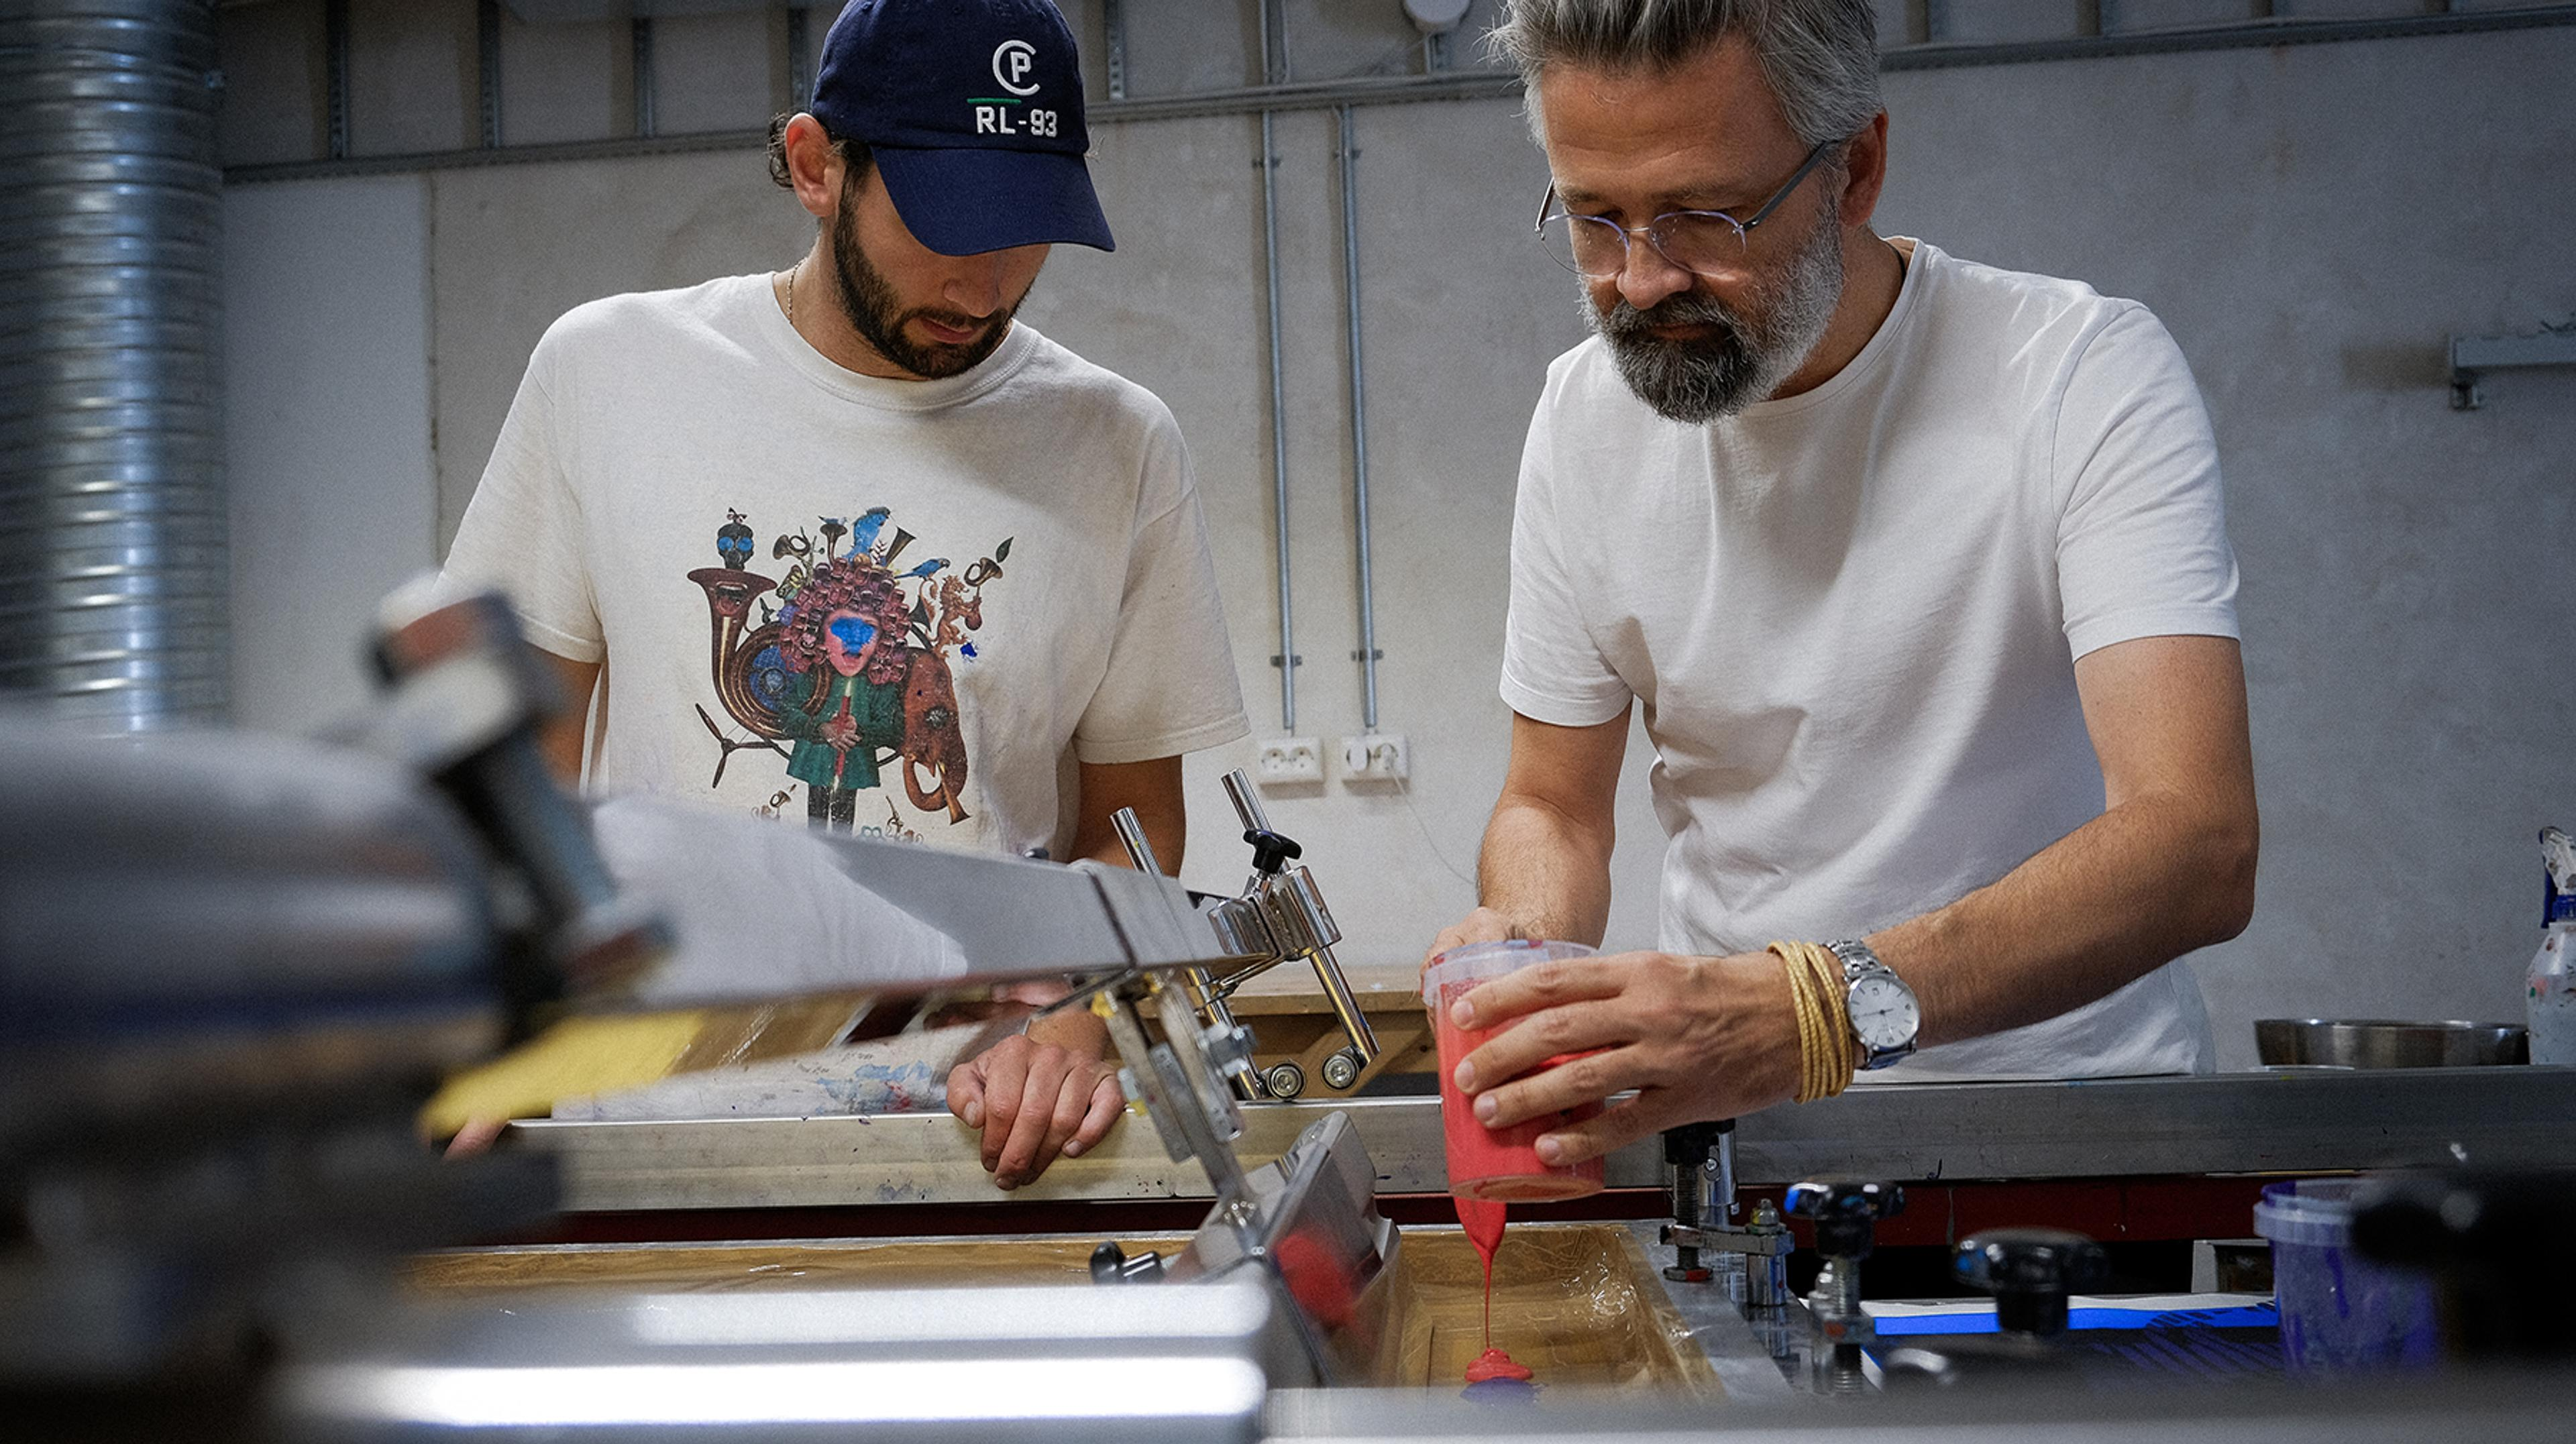 Silketrykk produsert i samarbeid med utvalgte kunstnere